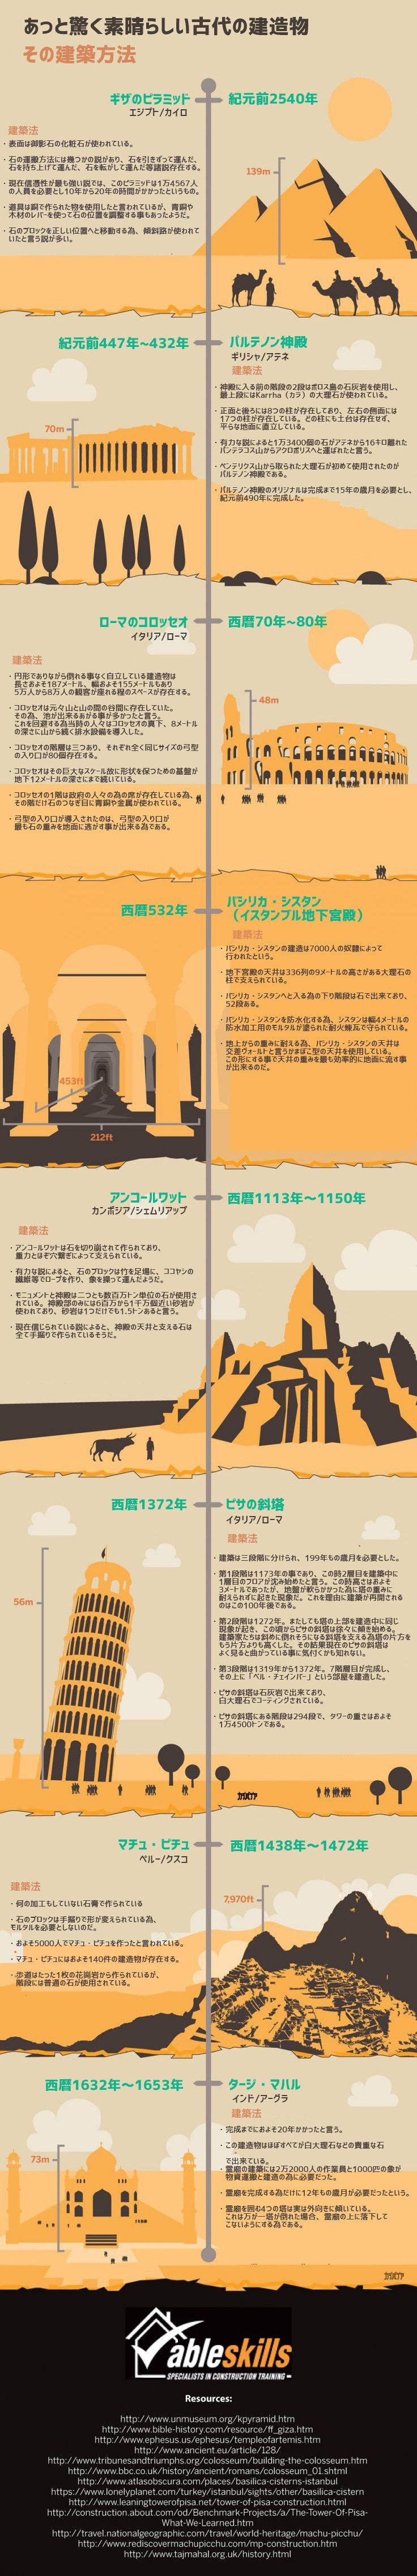 インフォグラフィック:人類史上最高7つの建築物。その驚くべき建造物と歴史